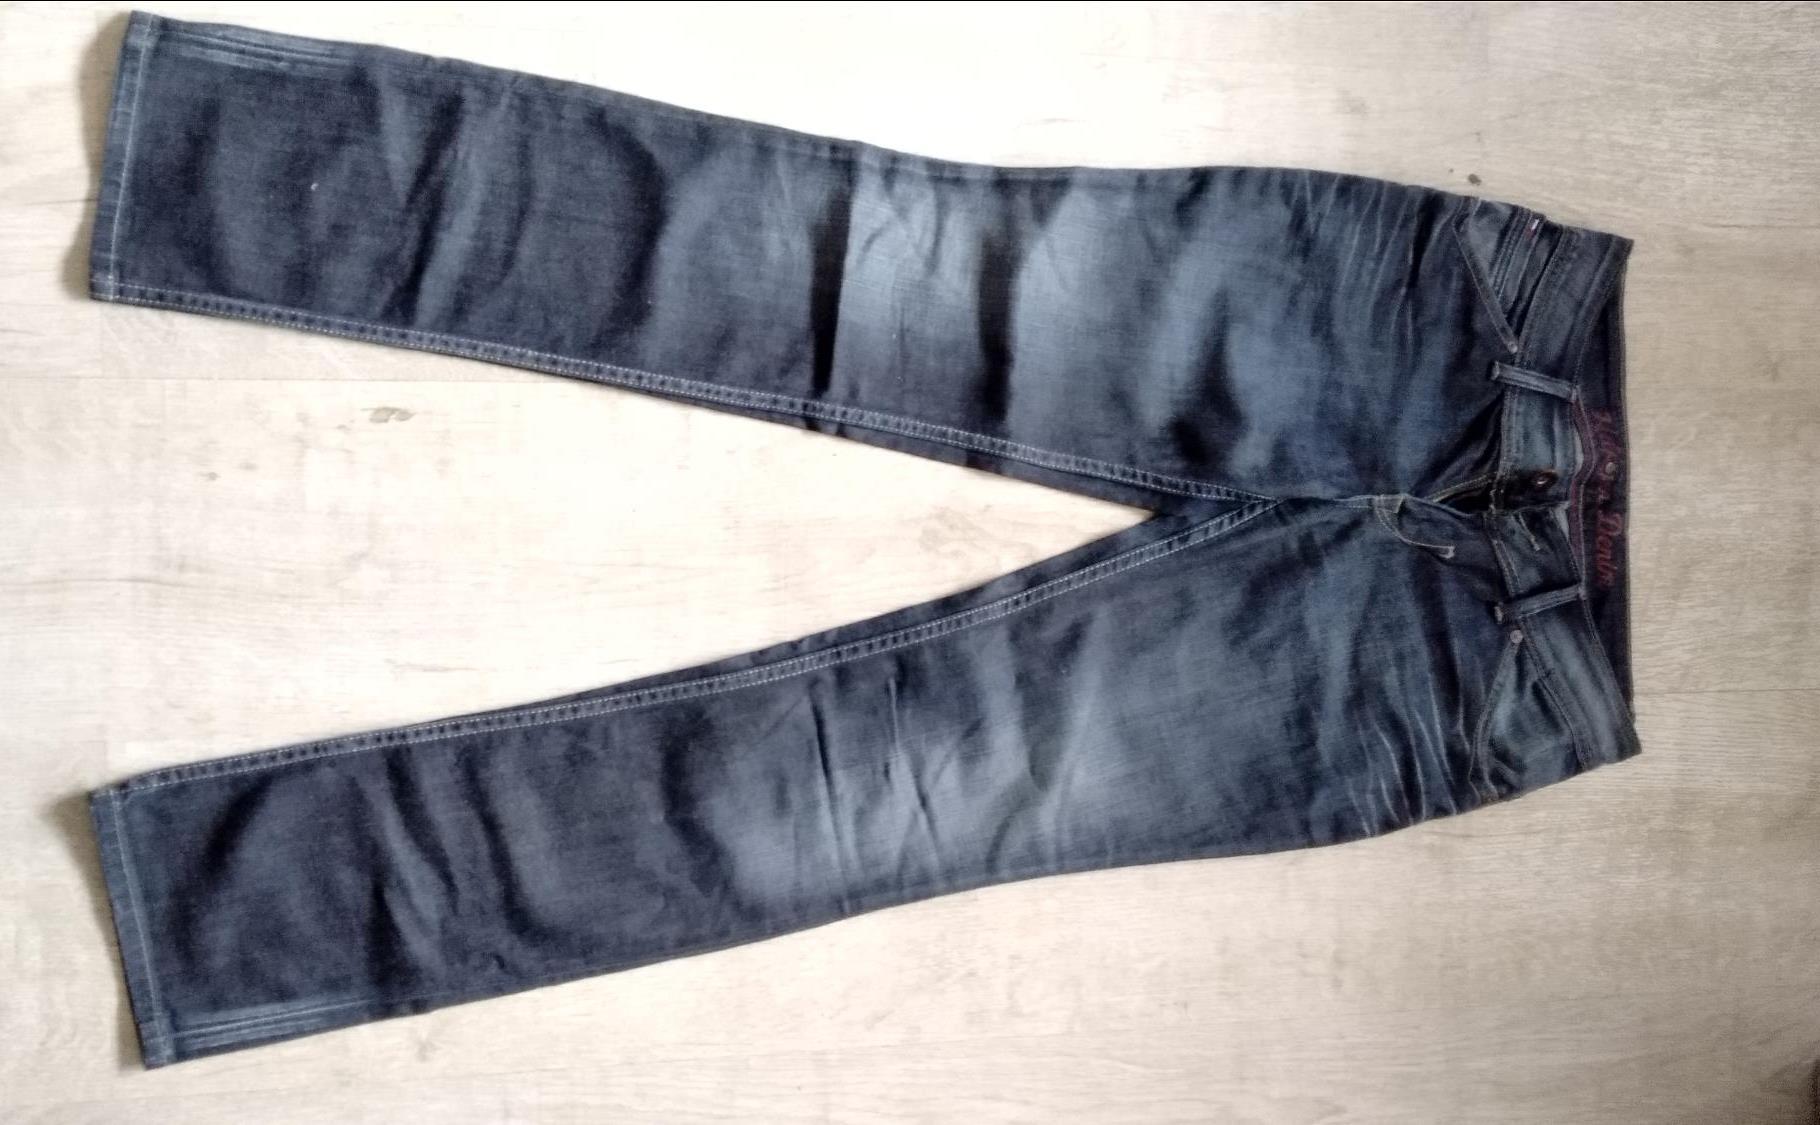 troc de troc jean - taille 36/38 image 2